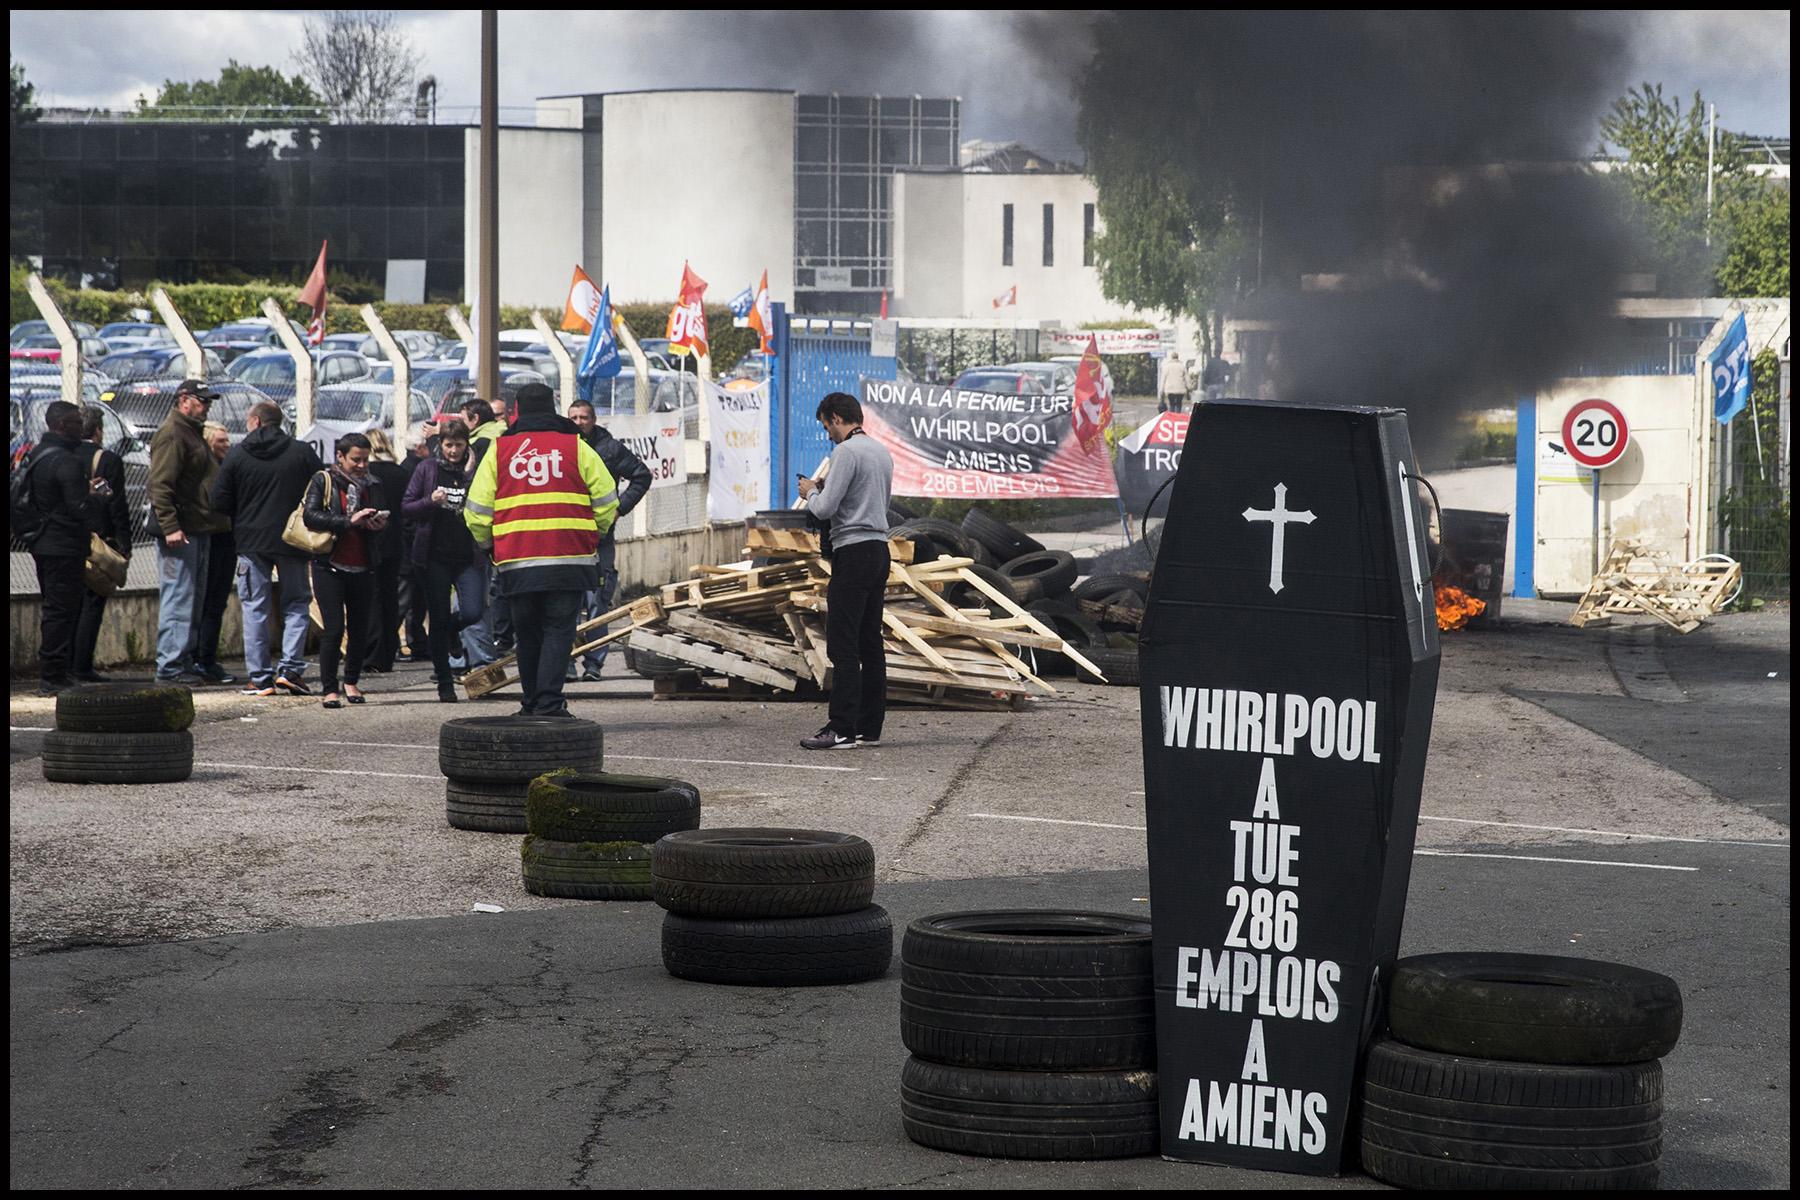 L'usine Whirlpool d'Amiens à l'arret après l'annonce de sa délocalisation en Pologne.